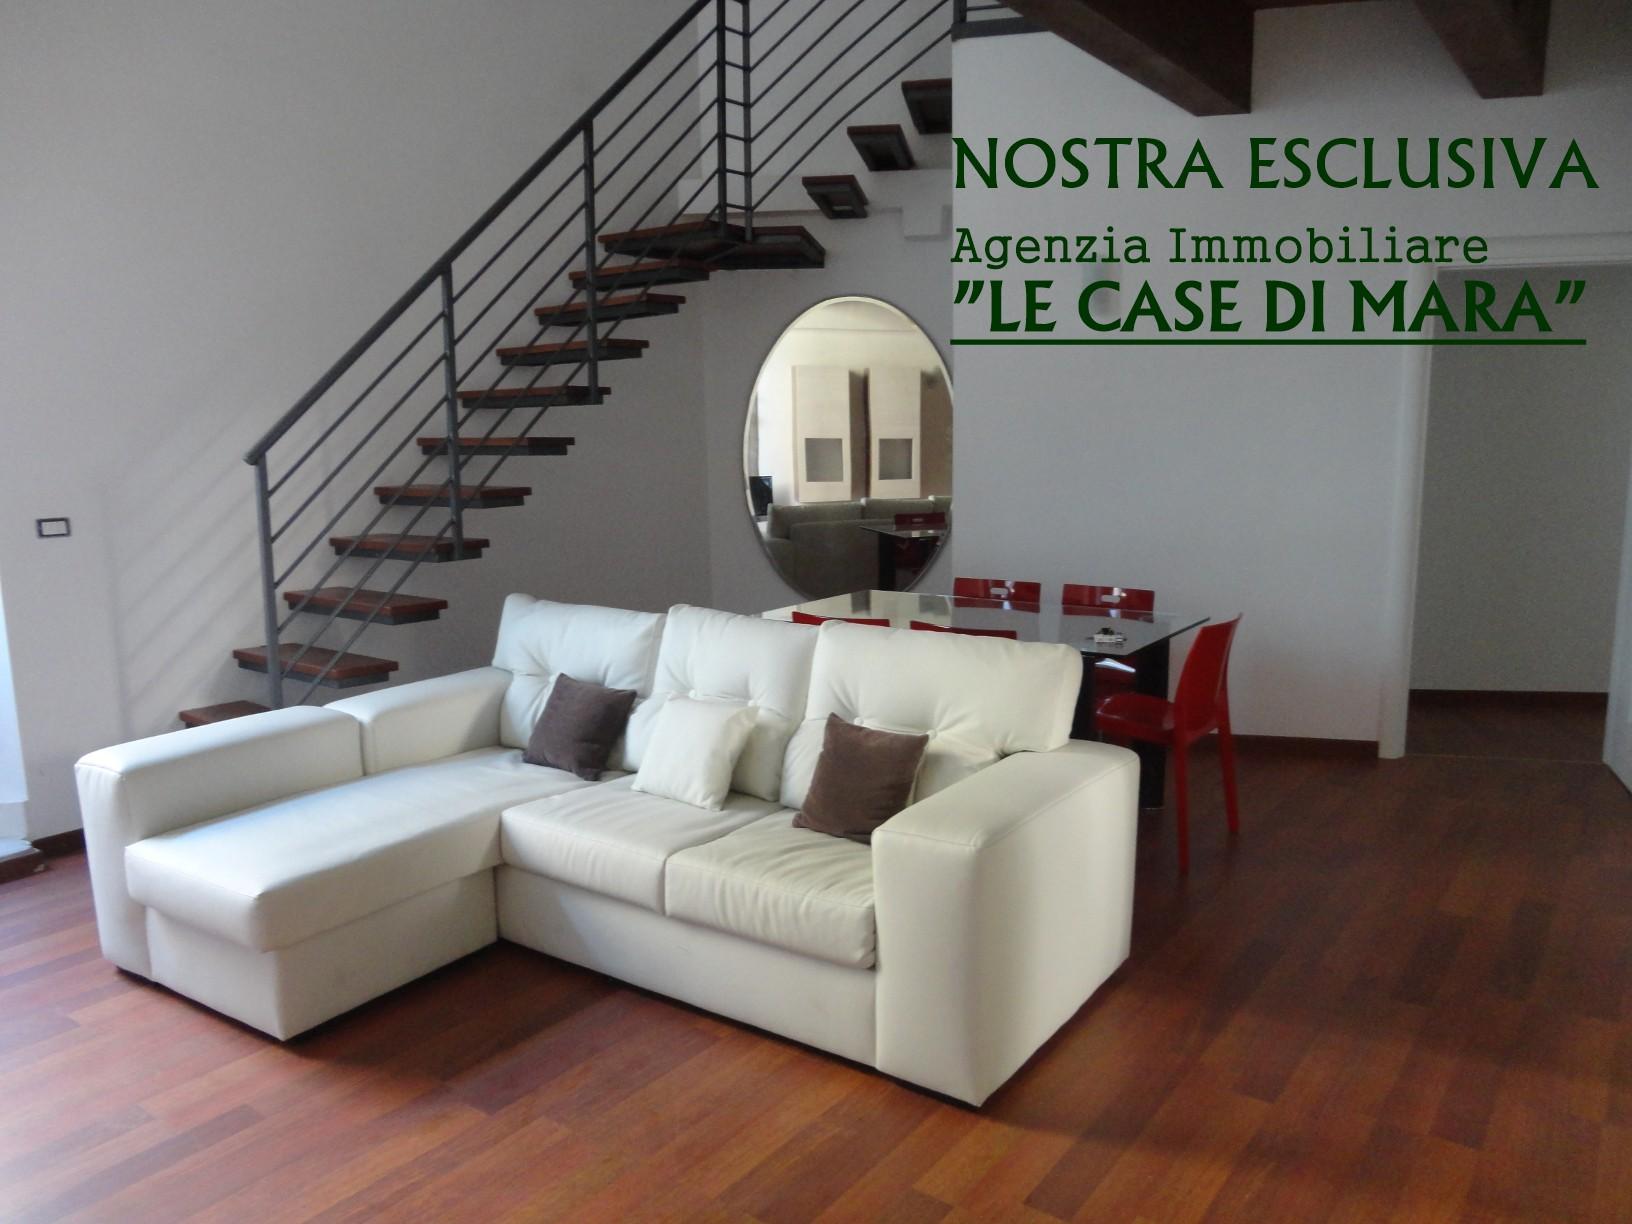 Appartamento in vendita a Ascoli Piceno, 6 locali, zona Località: CentroStorico, prezzo € 300.000   Cambio Casa.it